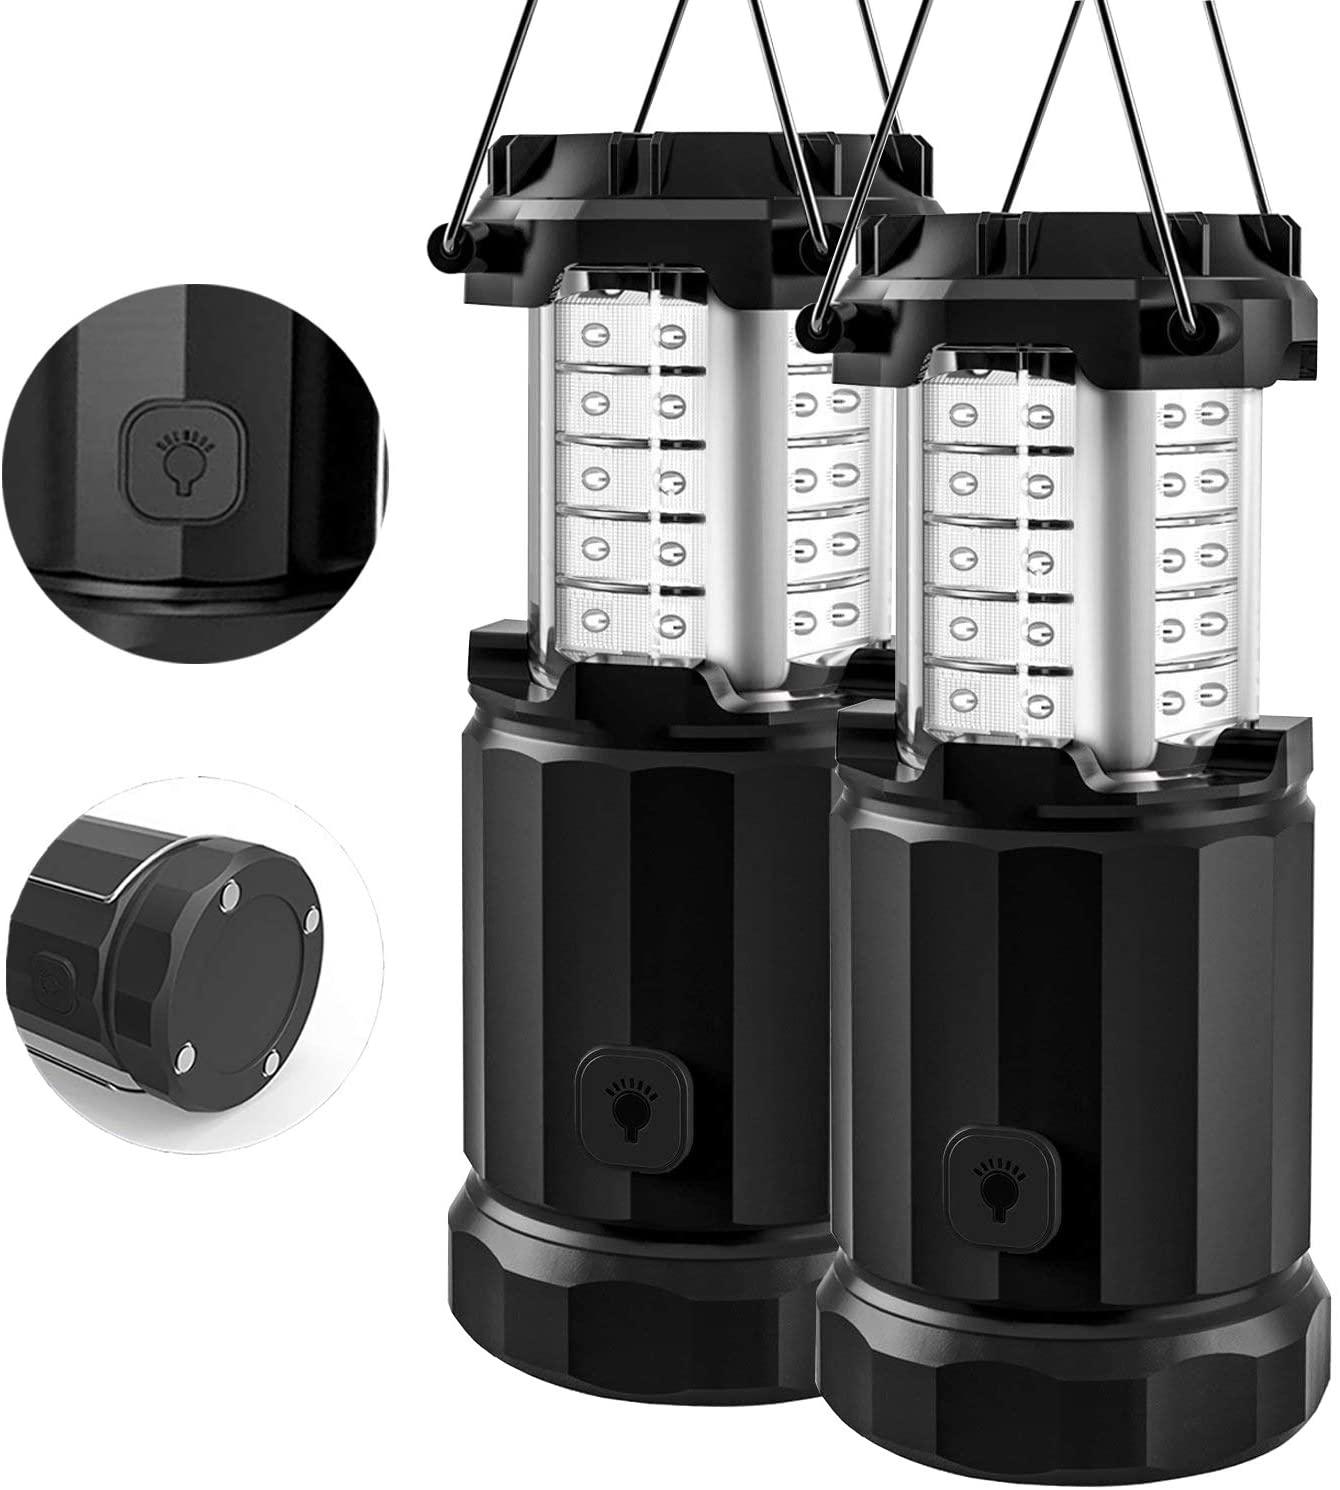 Etekcity Upgraded Lantern